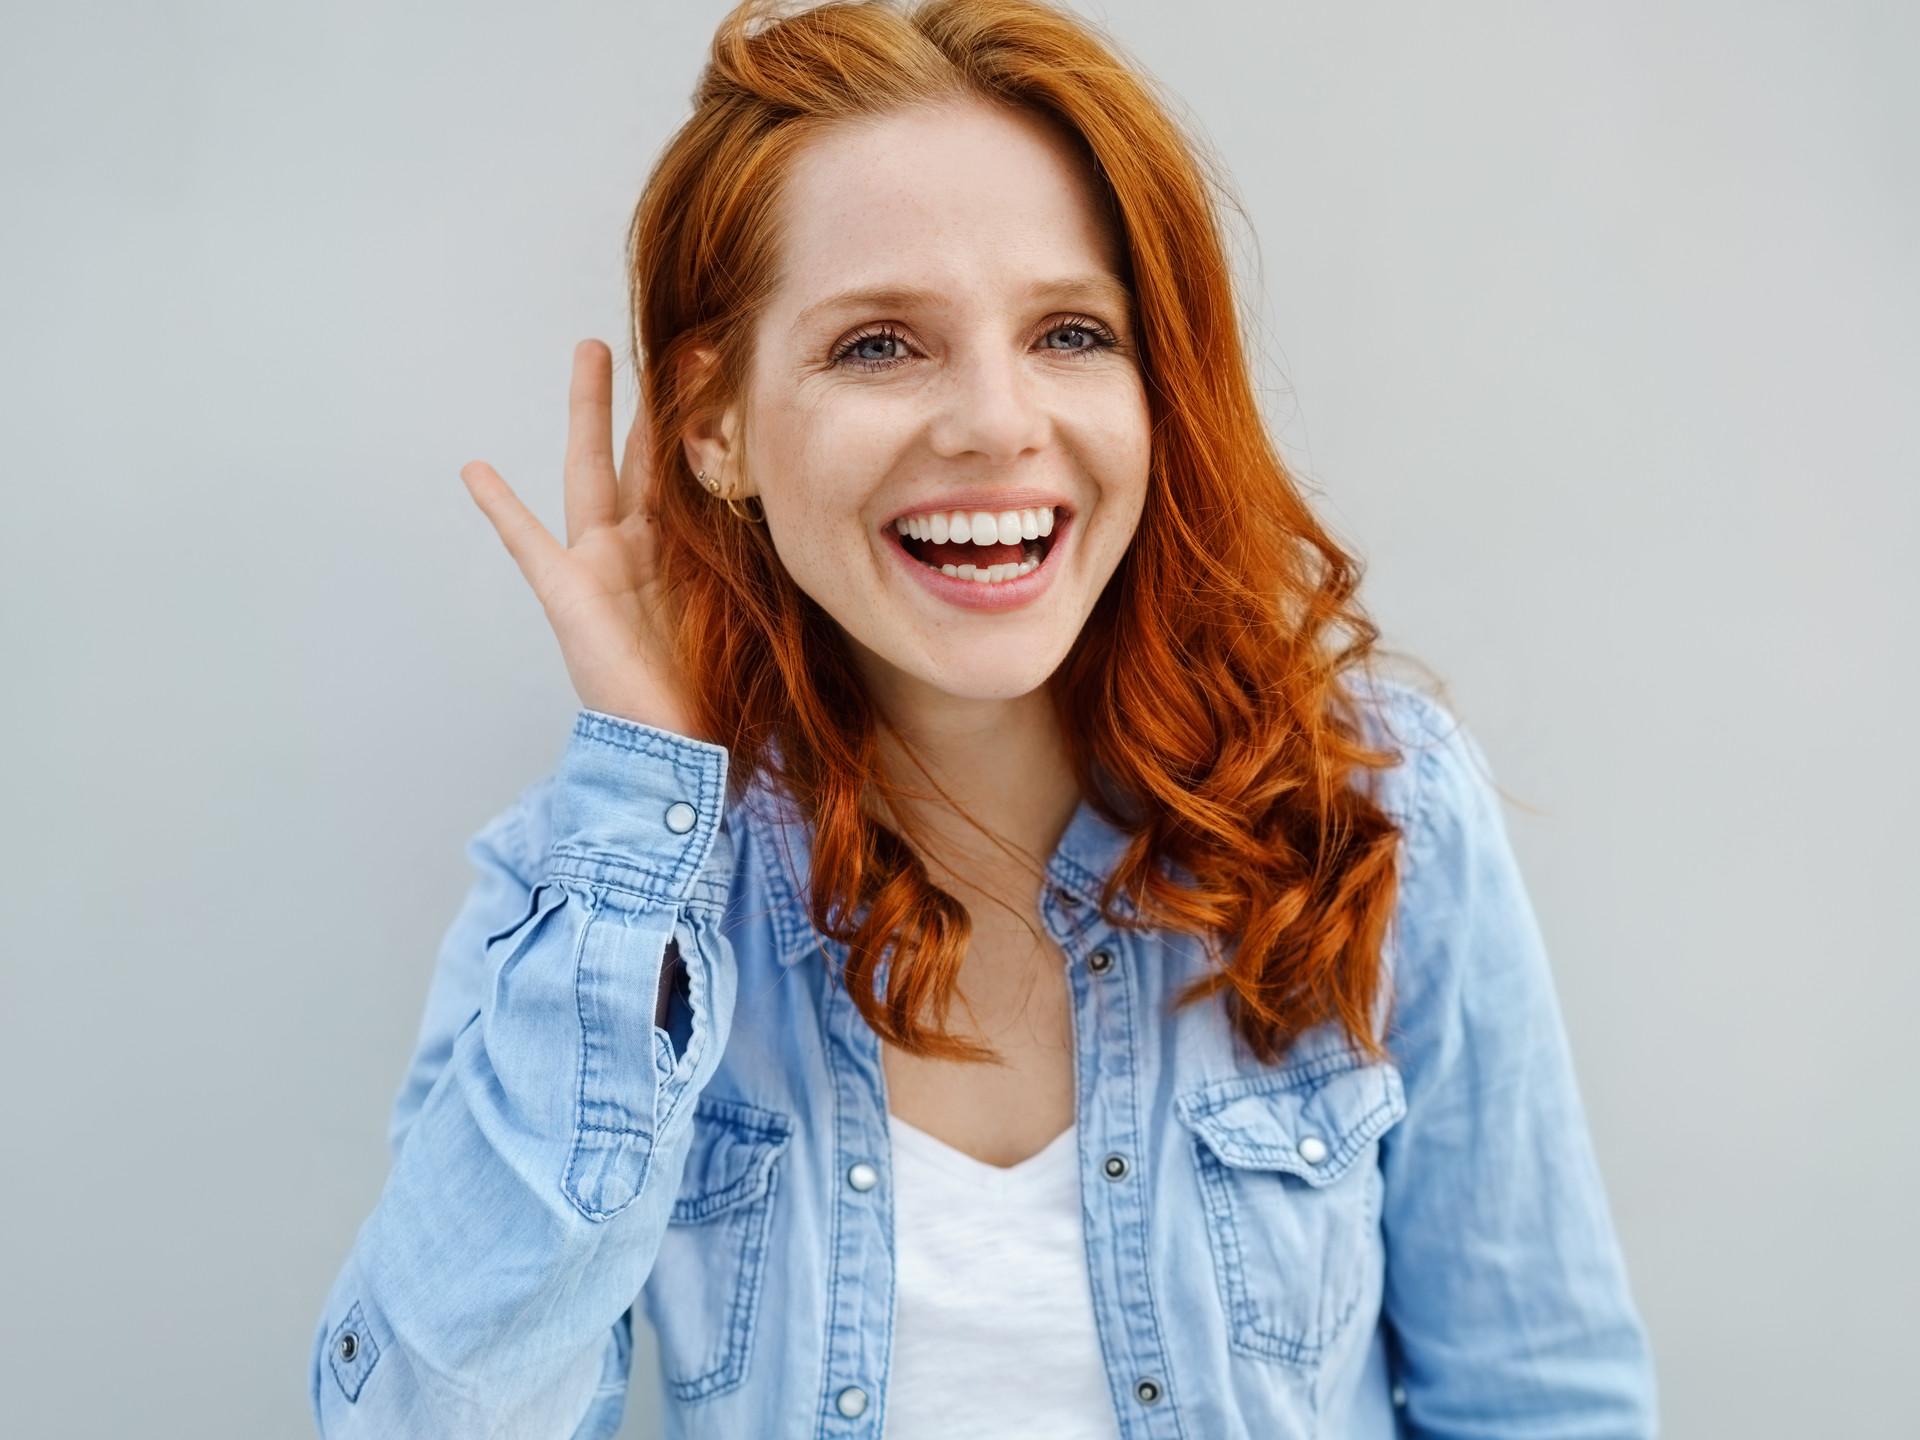 Rothaarige lachende Frau